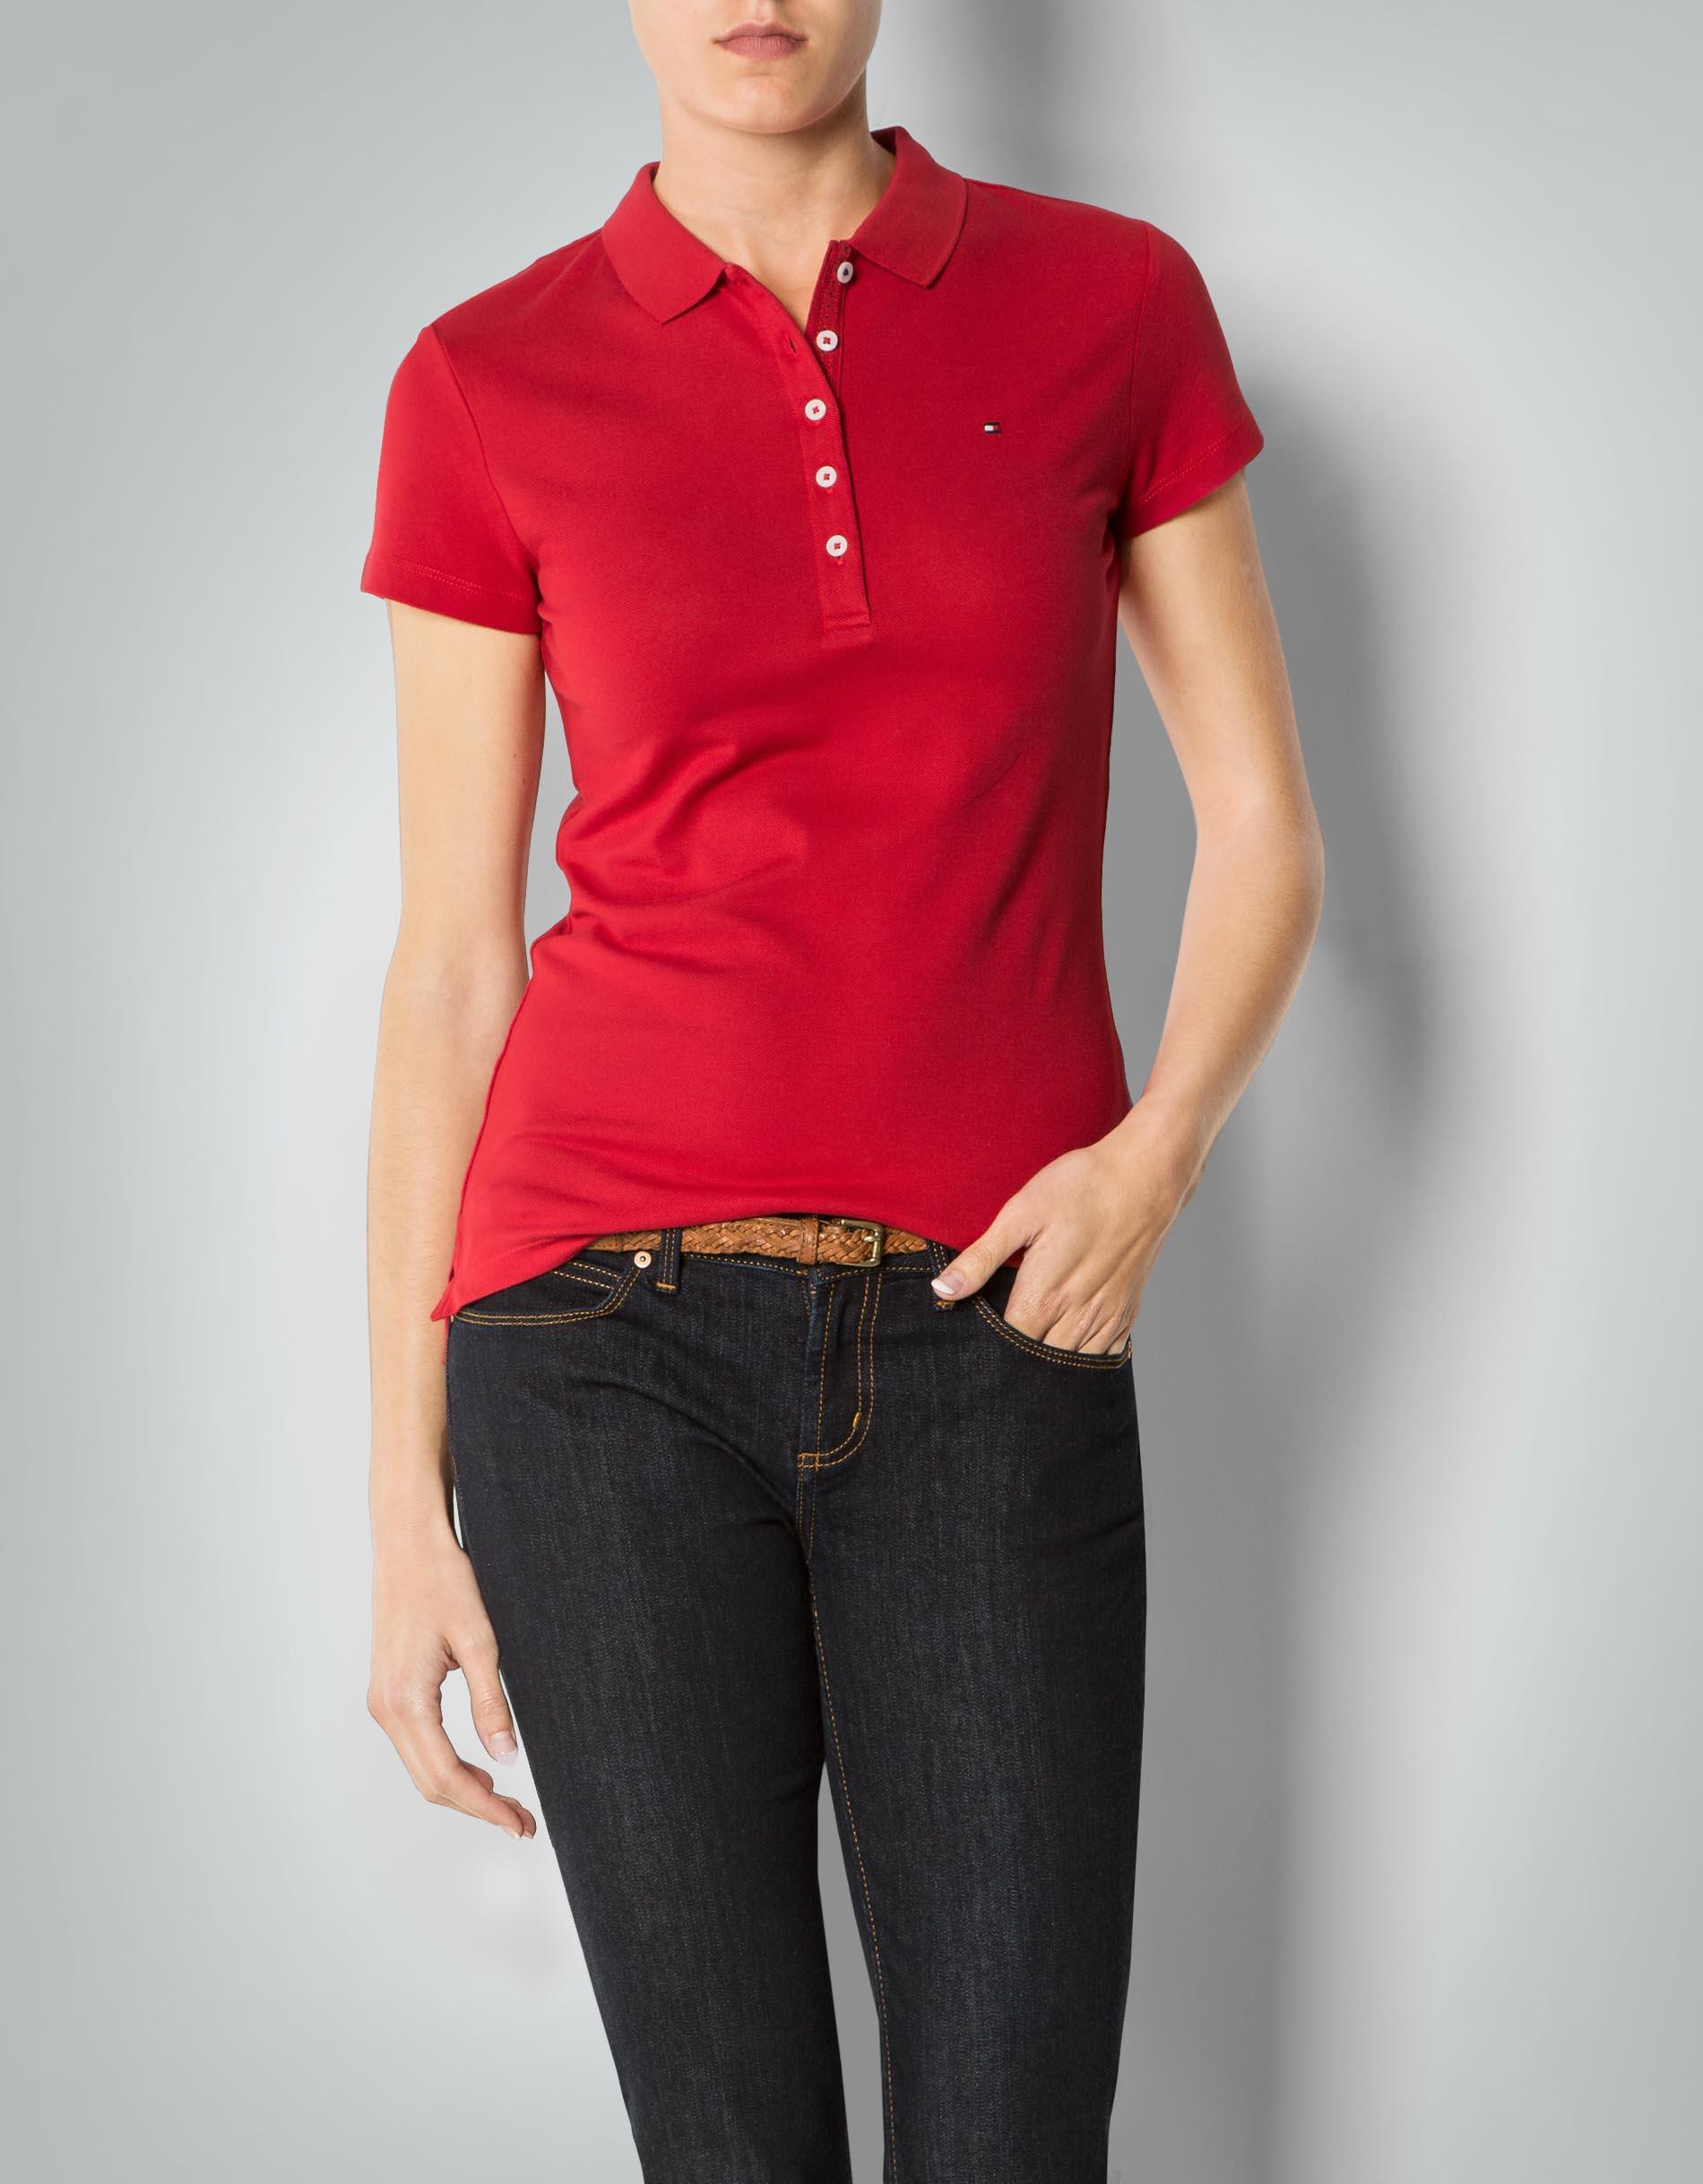 tommy hilfiger damen polo shirt mit kontrastdetails an der knopfleiste empfohlen von deinen. Black Bedroom Furniture Sets. Home Design Ideas